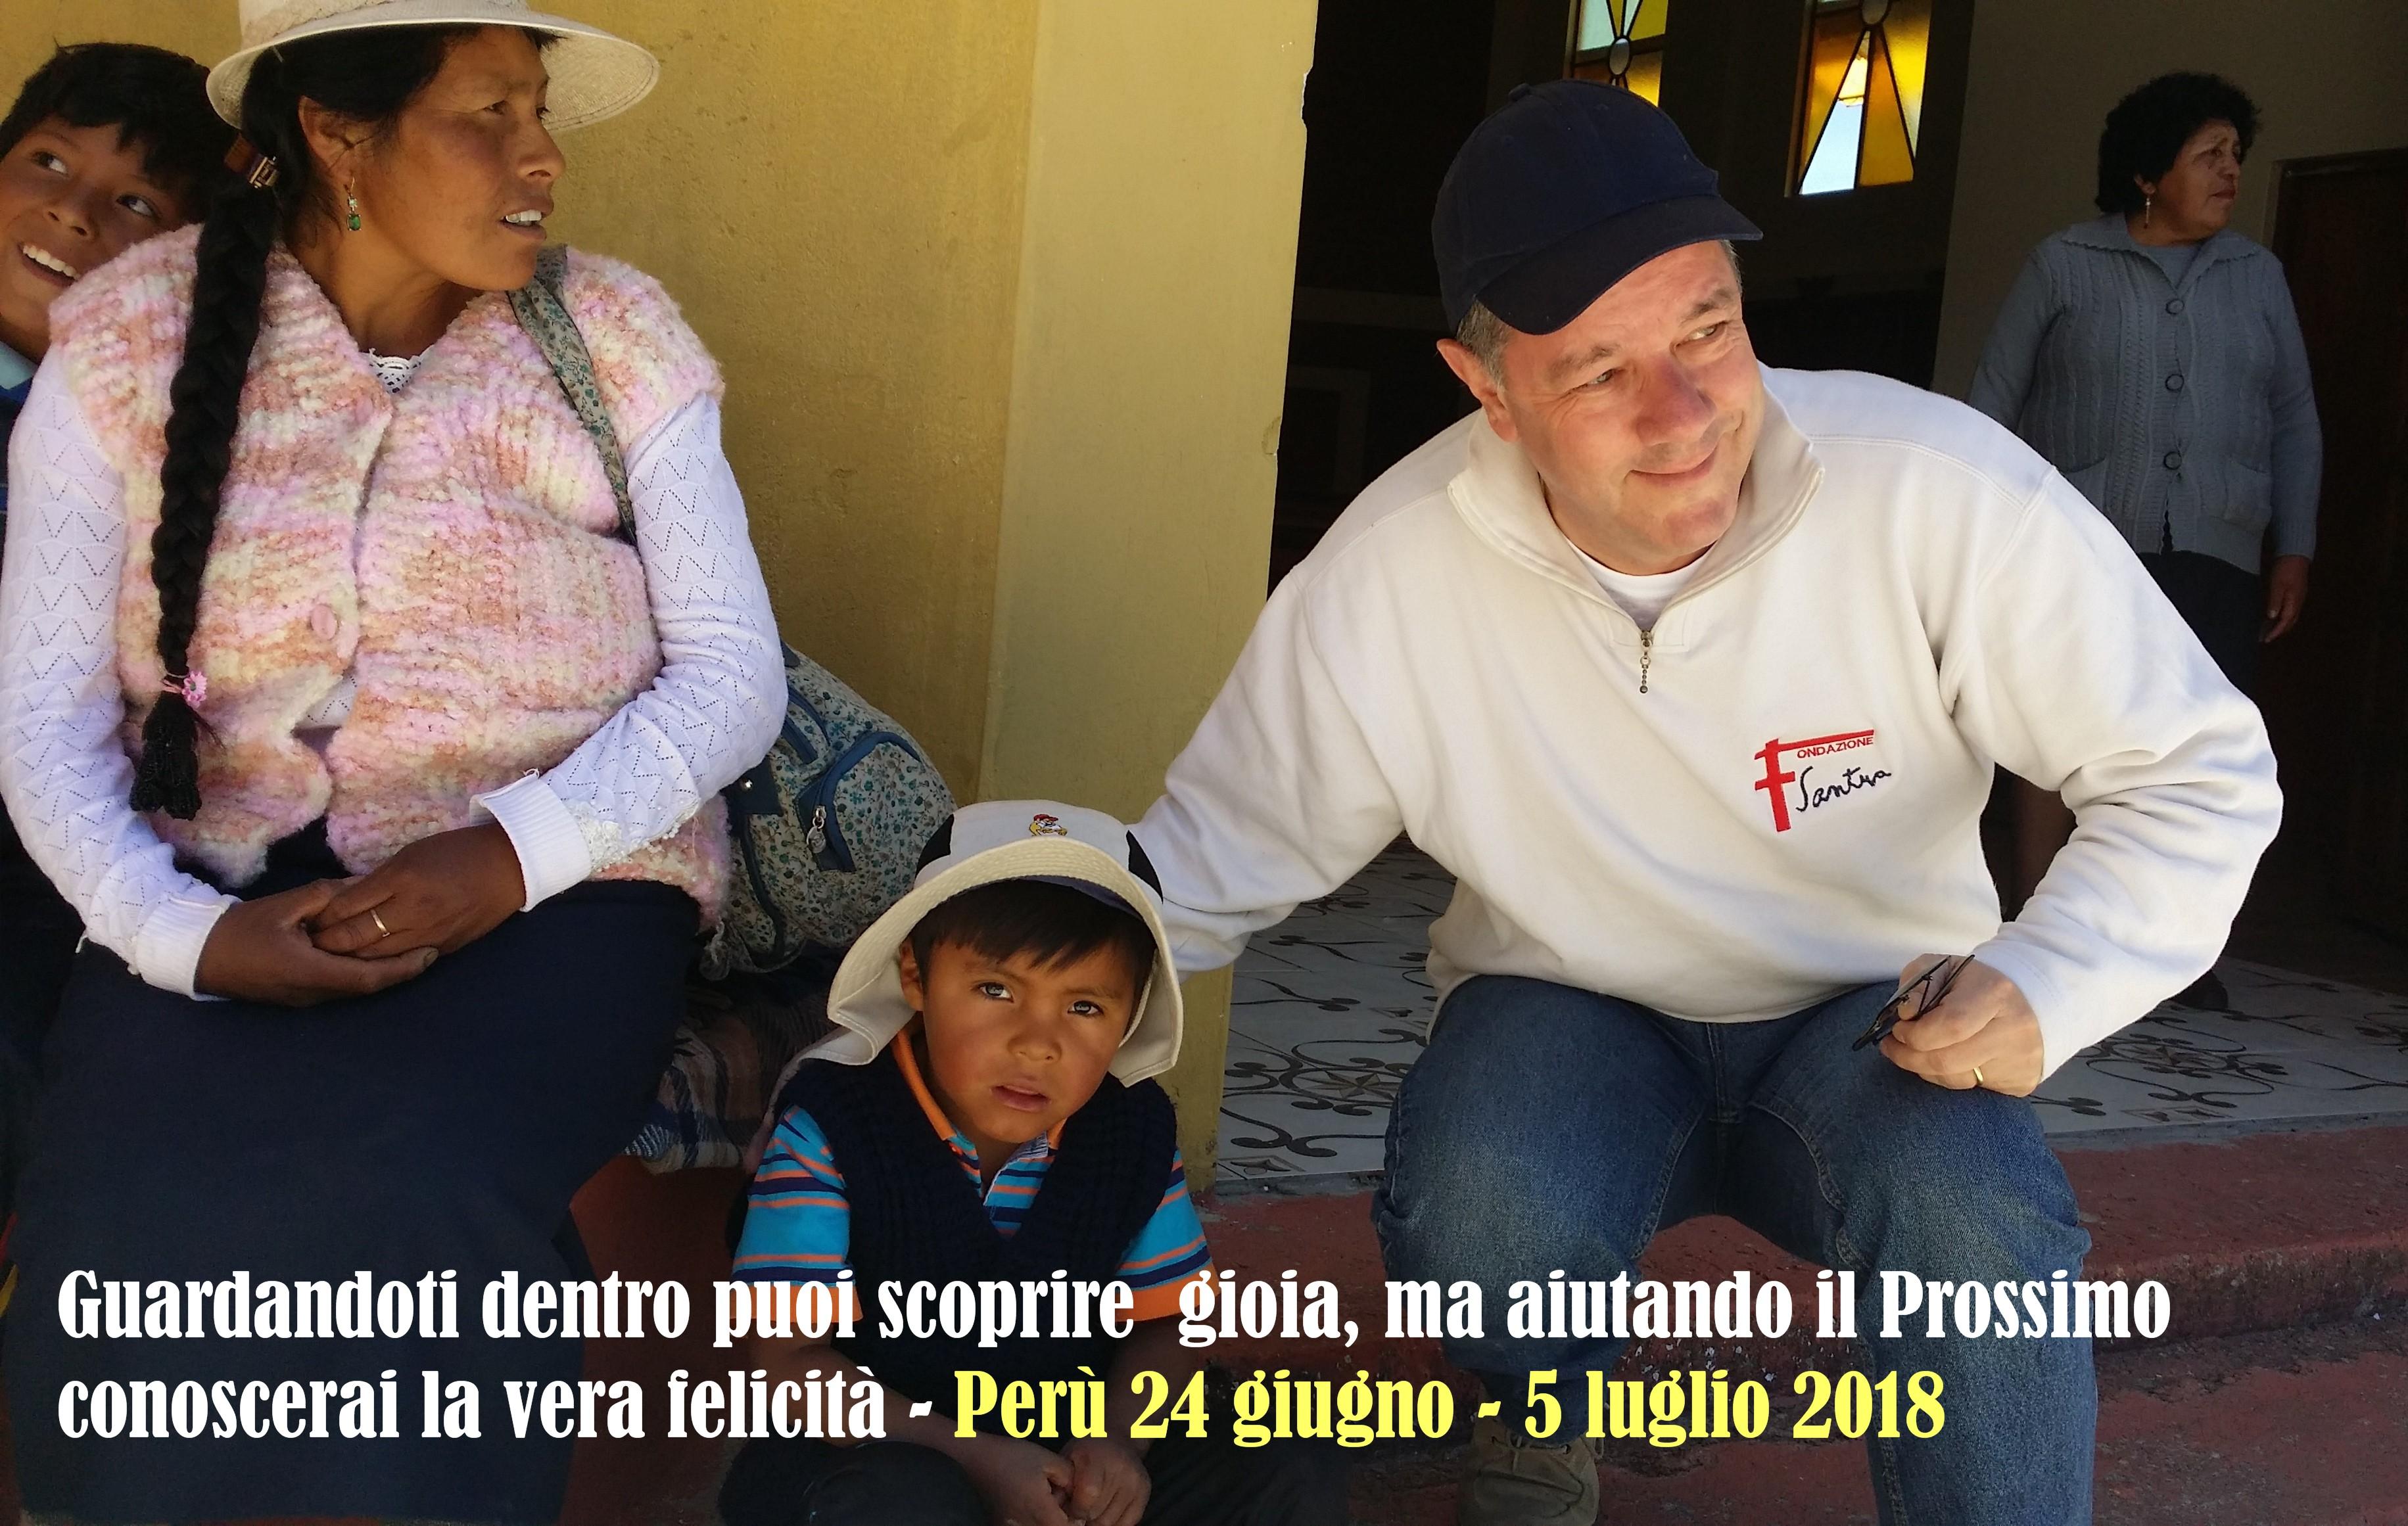 Perù – Brasile 24 giugno – 5 luglio 2018 30mo viaggio di solidarietà